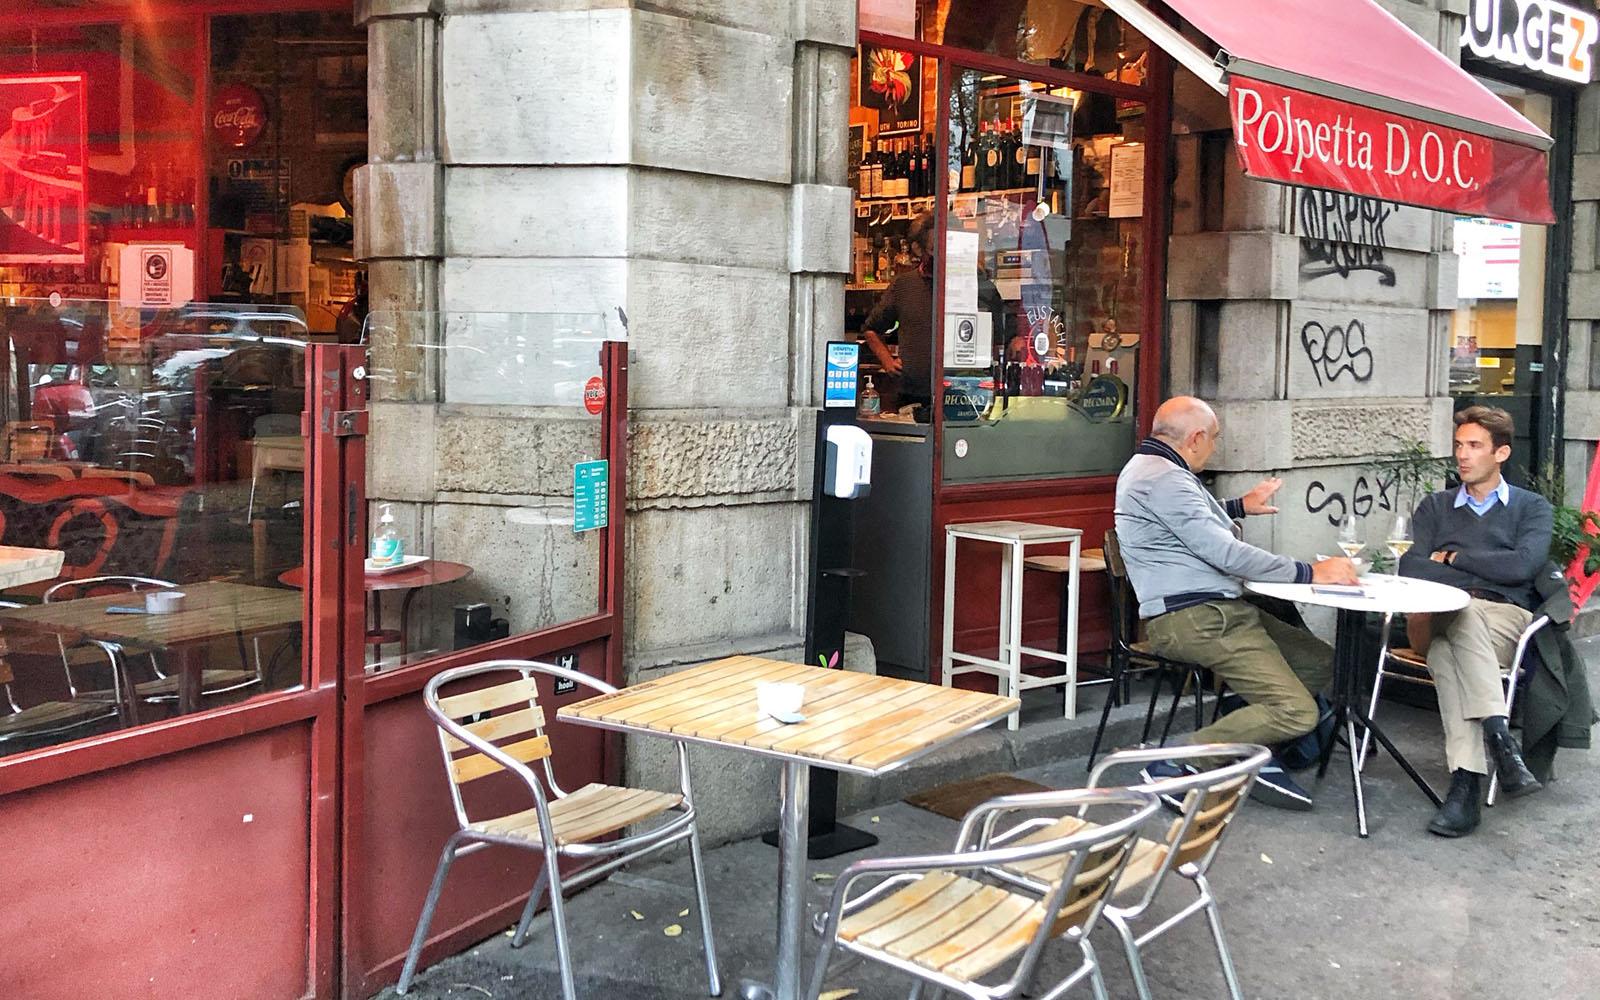 Il dehors dell'enoteca Polpetta D.O.C. in via Eustachi a Milano. © oltreilbalcone